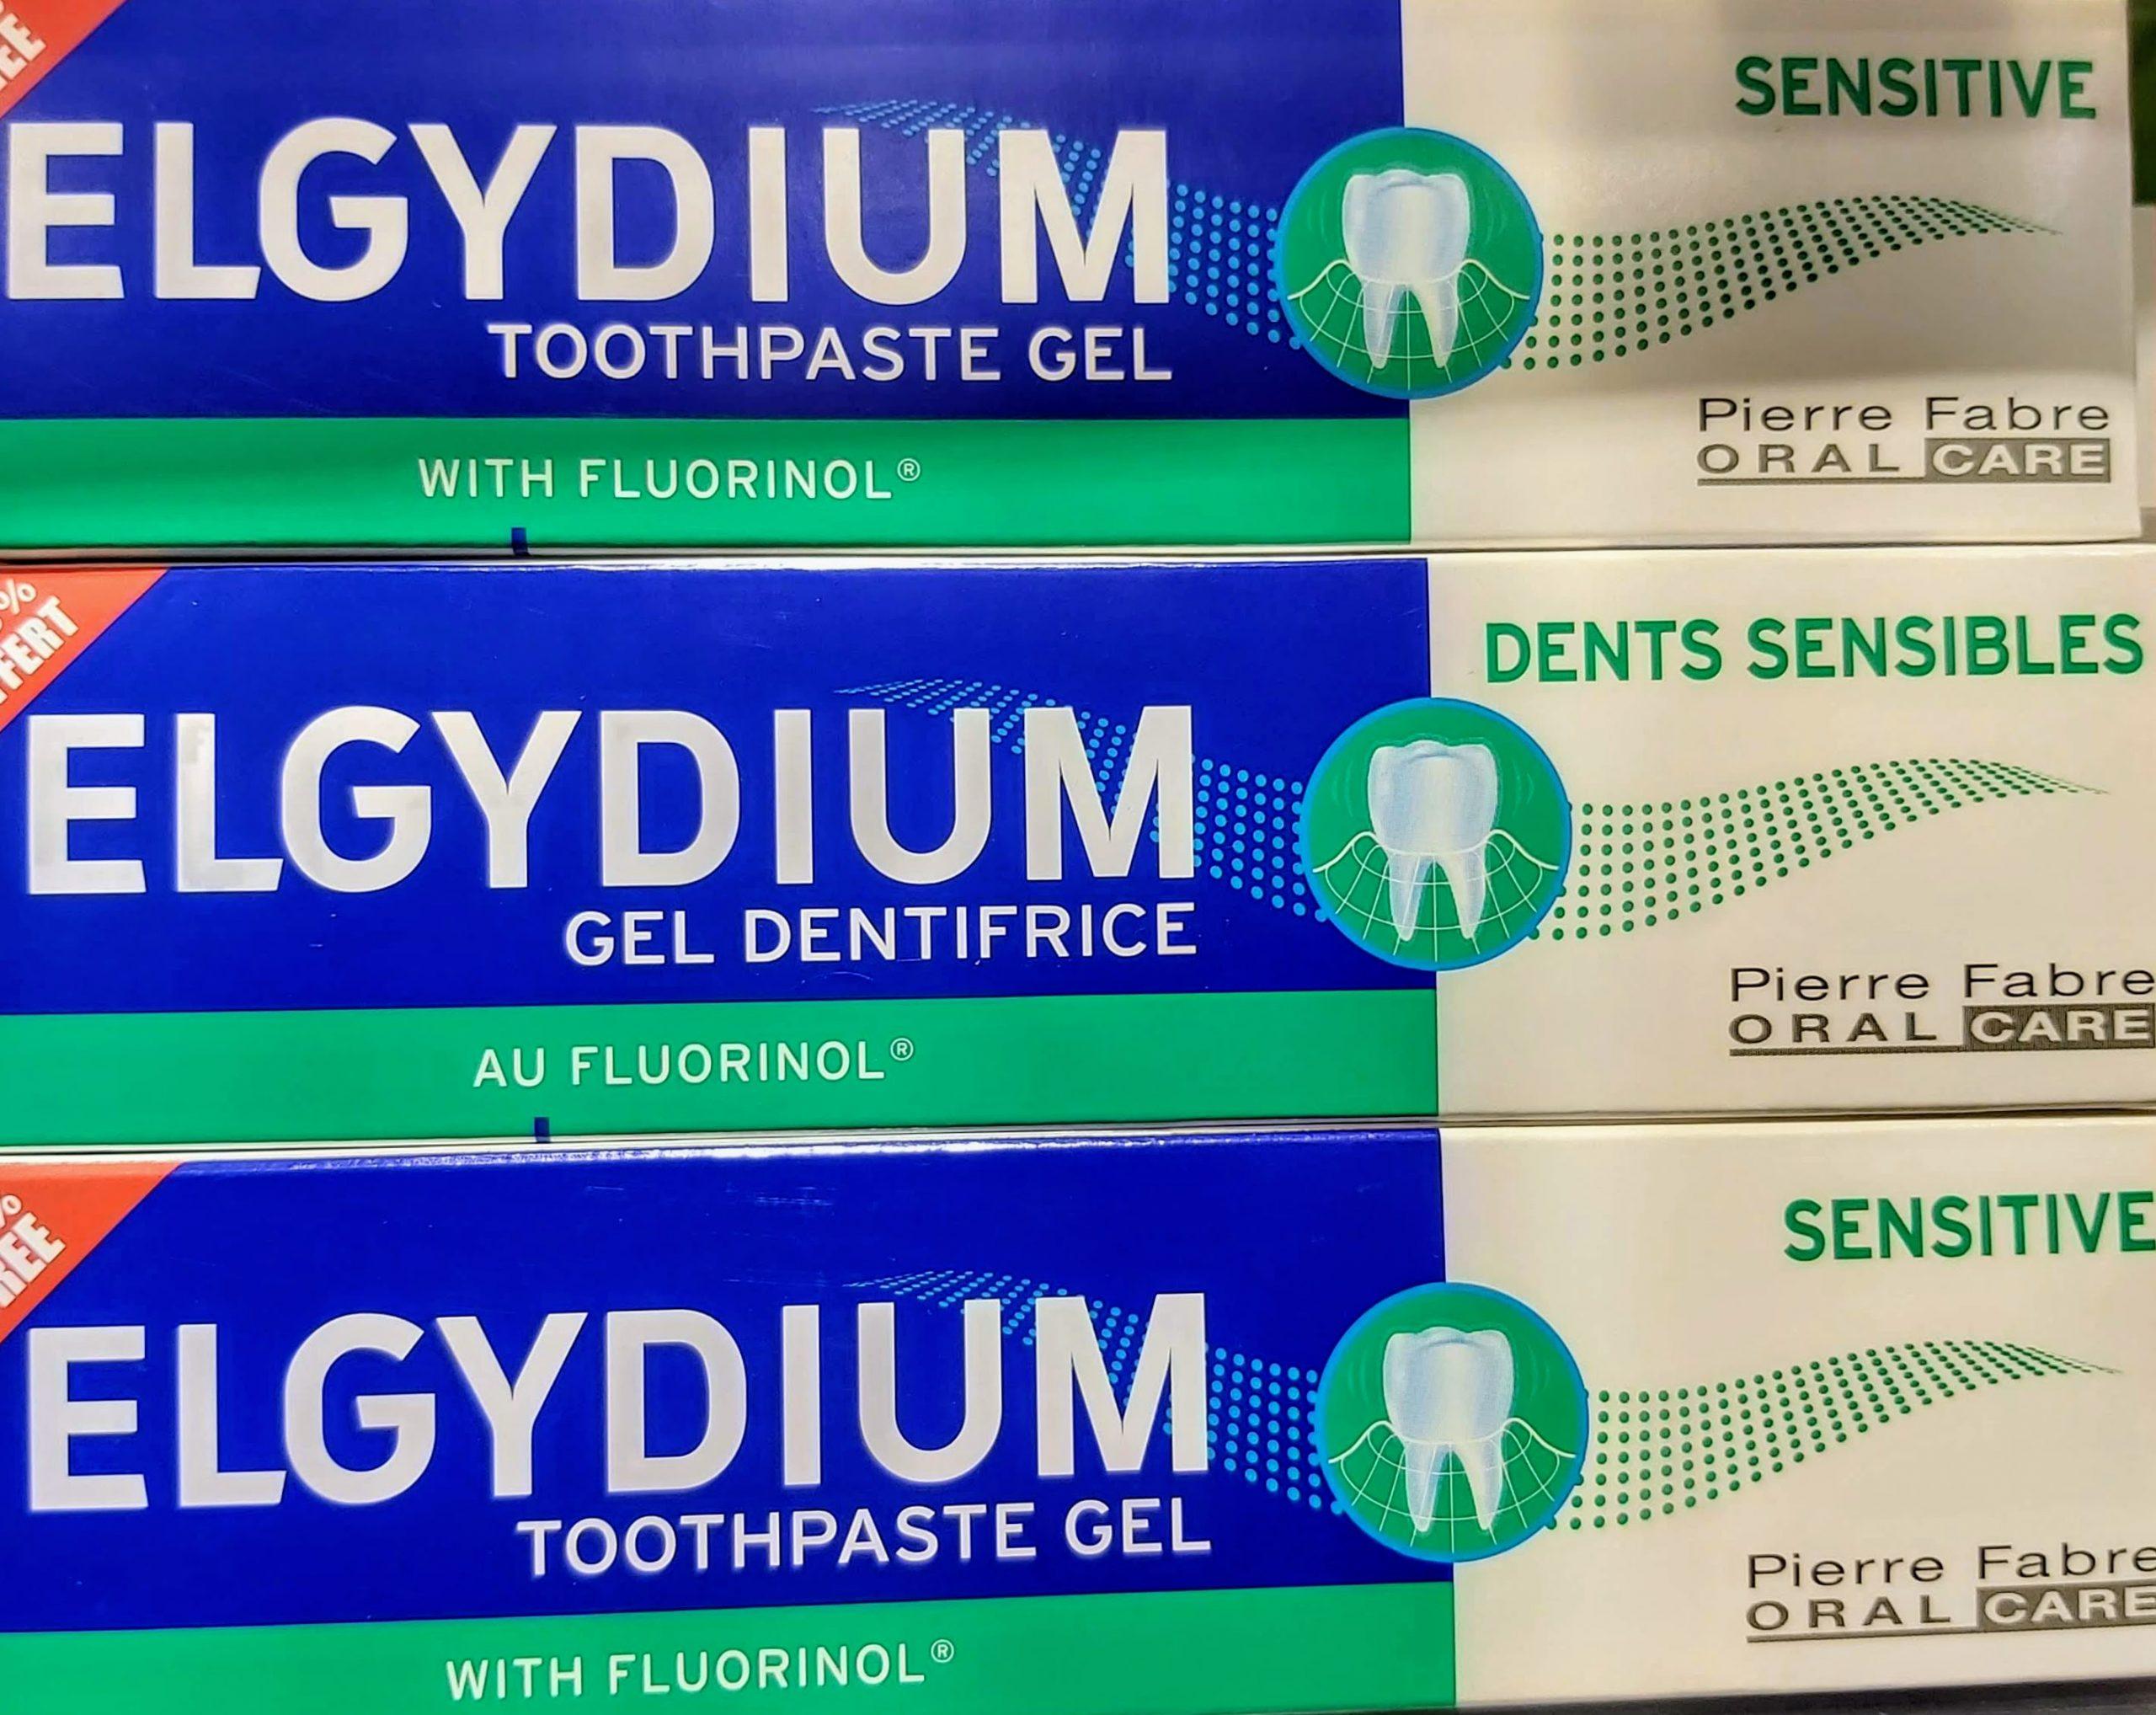 ELGYDIUM DENTIFRICO ANTI-PLACA. Permite recuperar la blancura de los dientes de la infancia. Control de las pigmentaciones diarias (café, té, etc).